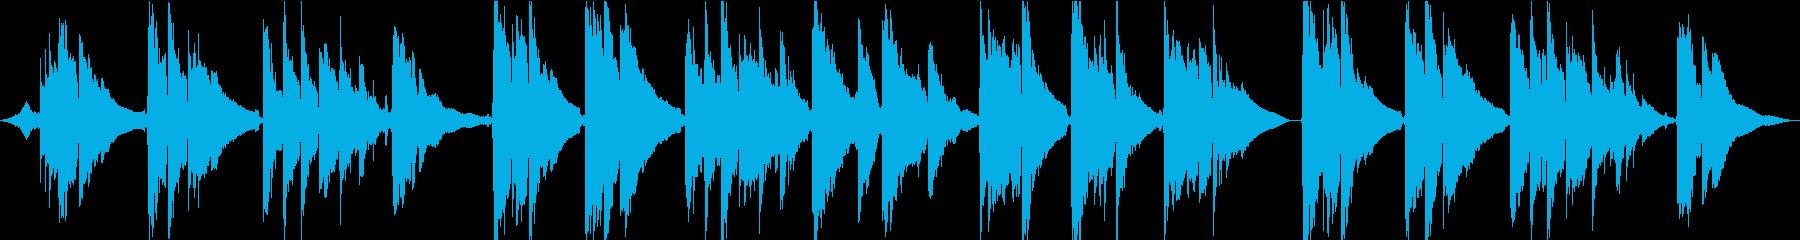 波の音から始まるアコギインストの再生済みの波形